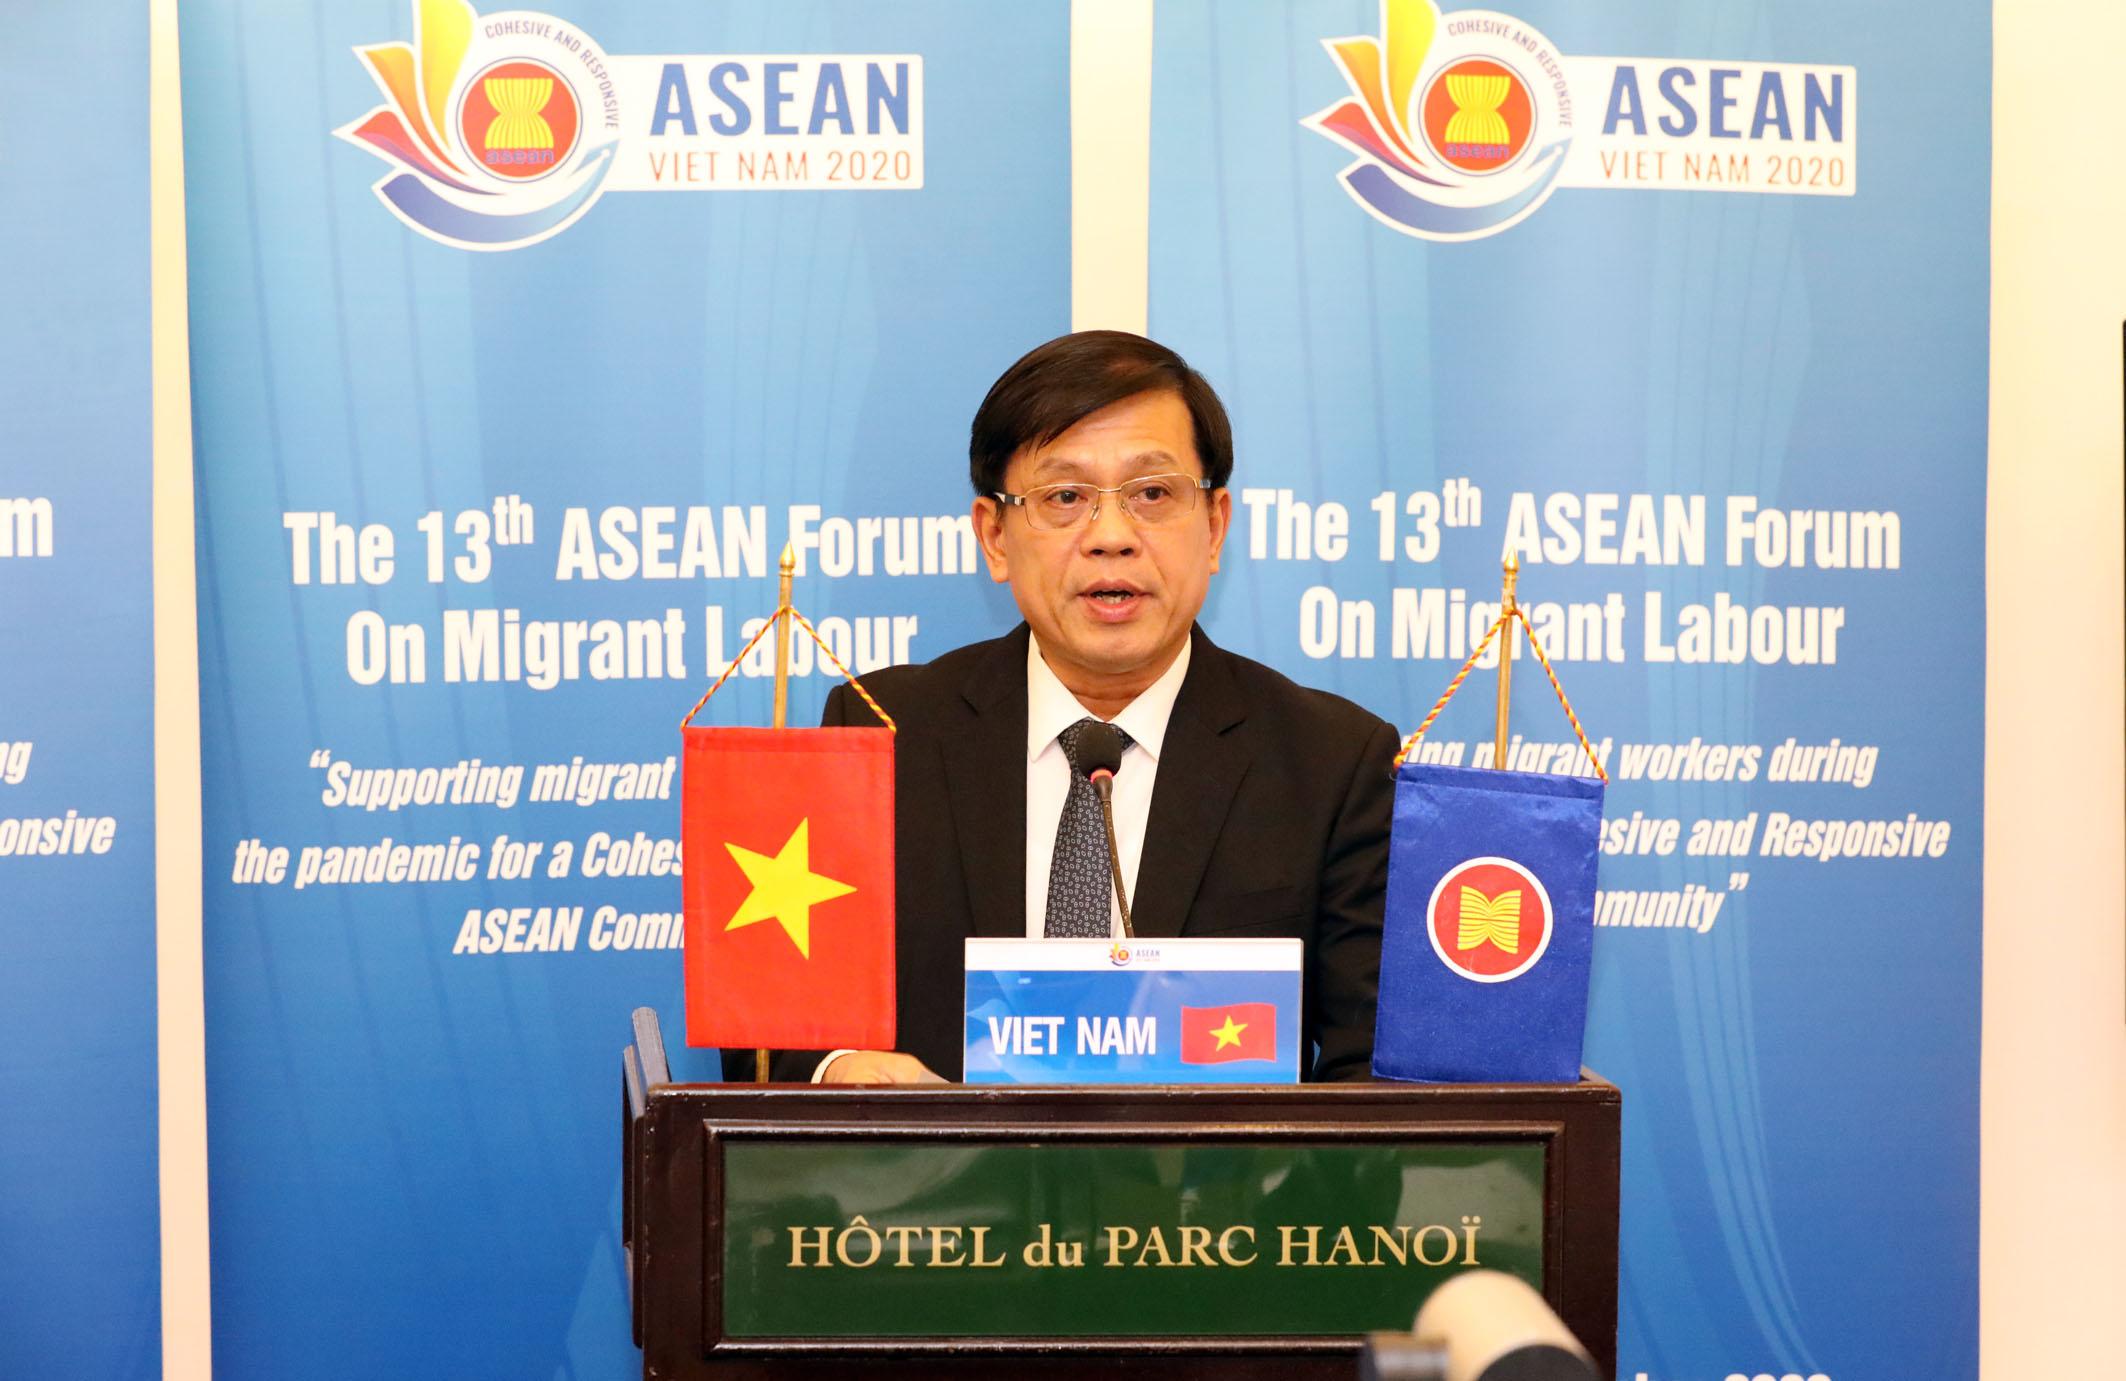 """Diễn đàn lao động di cư ASEAN lần thứ 13 - """"Hỗ trợ lao động di cư trong đại dịch hướng tới một Cộng đồng ASEAN gắn kết và chủ động thích ứng"""""""